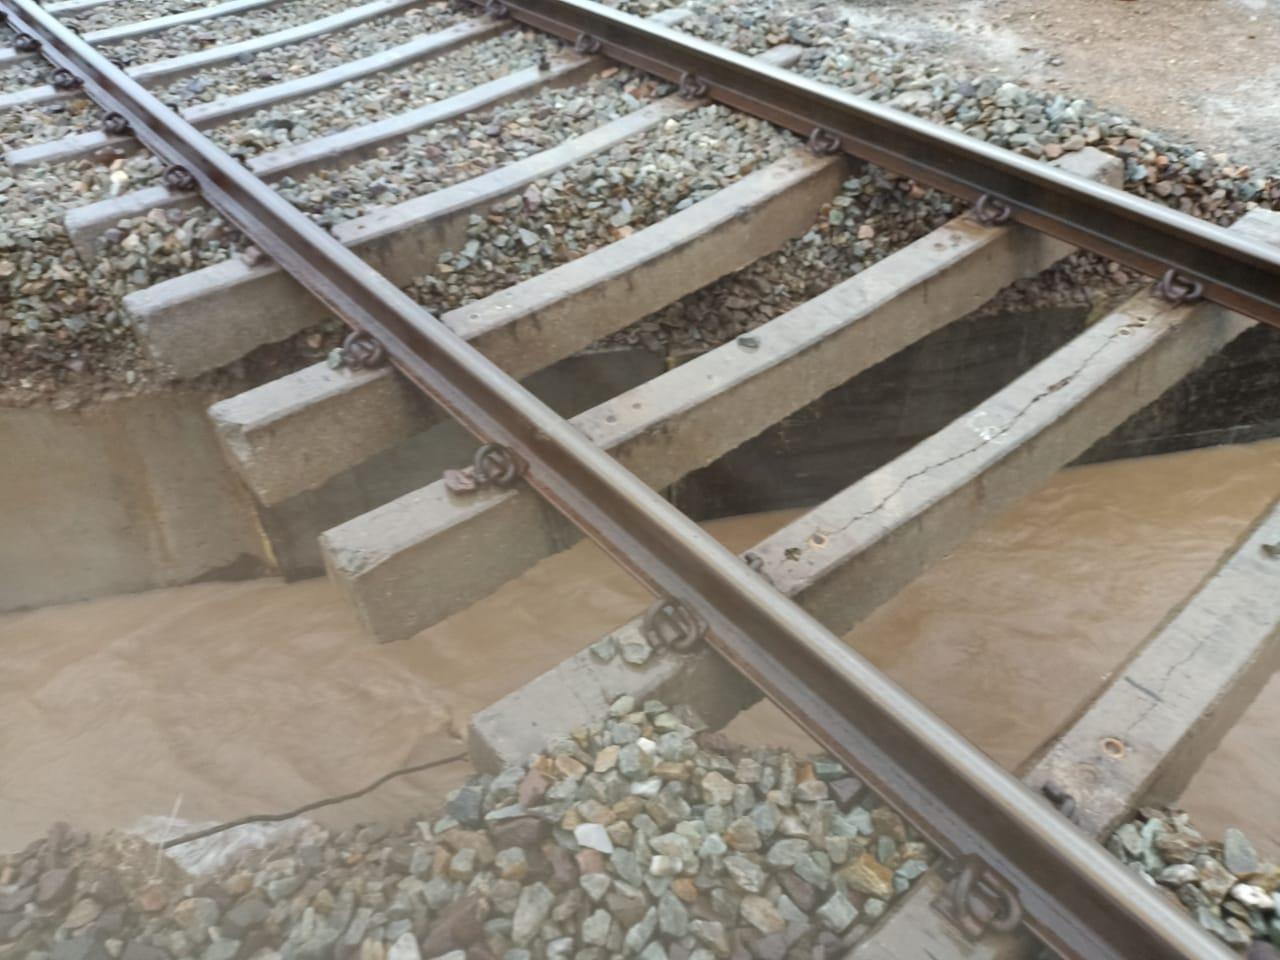 नागौैर में भारी बरसात के कारण पटरियों के नीचे पानी से कटाव हो गया। - Dainik Bhaskar